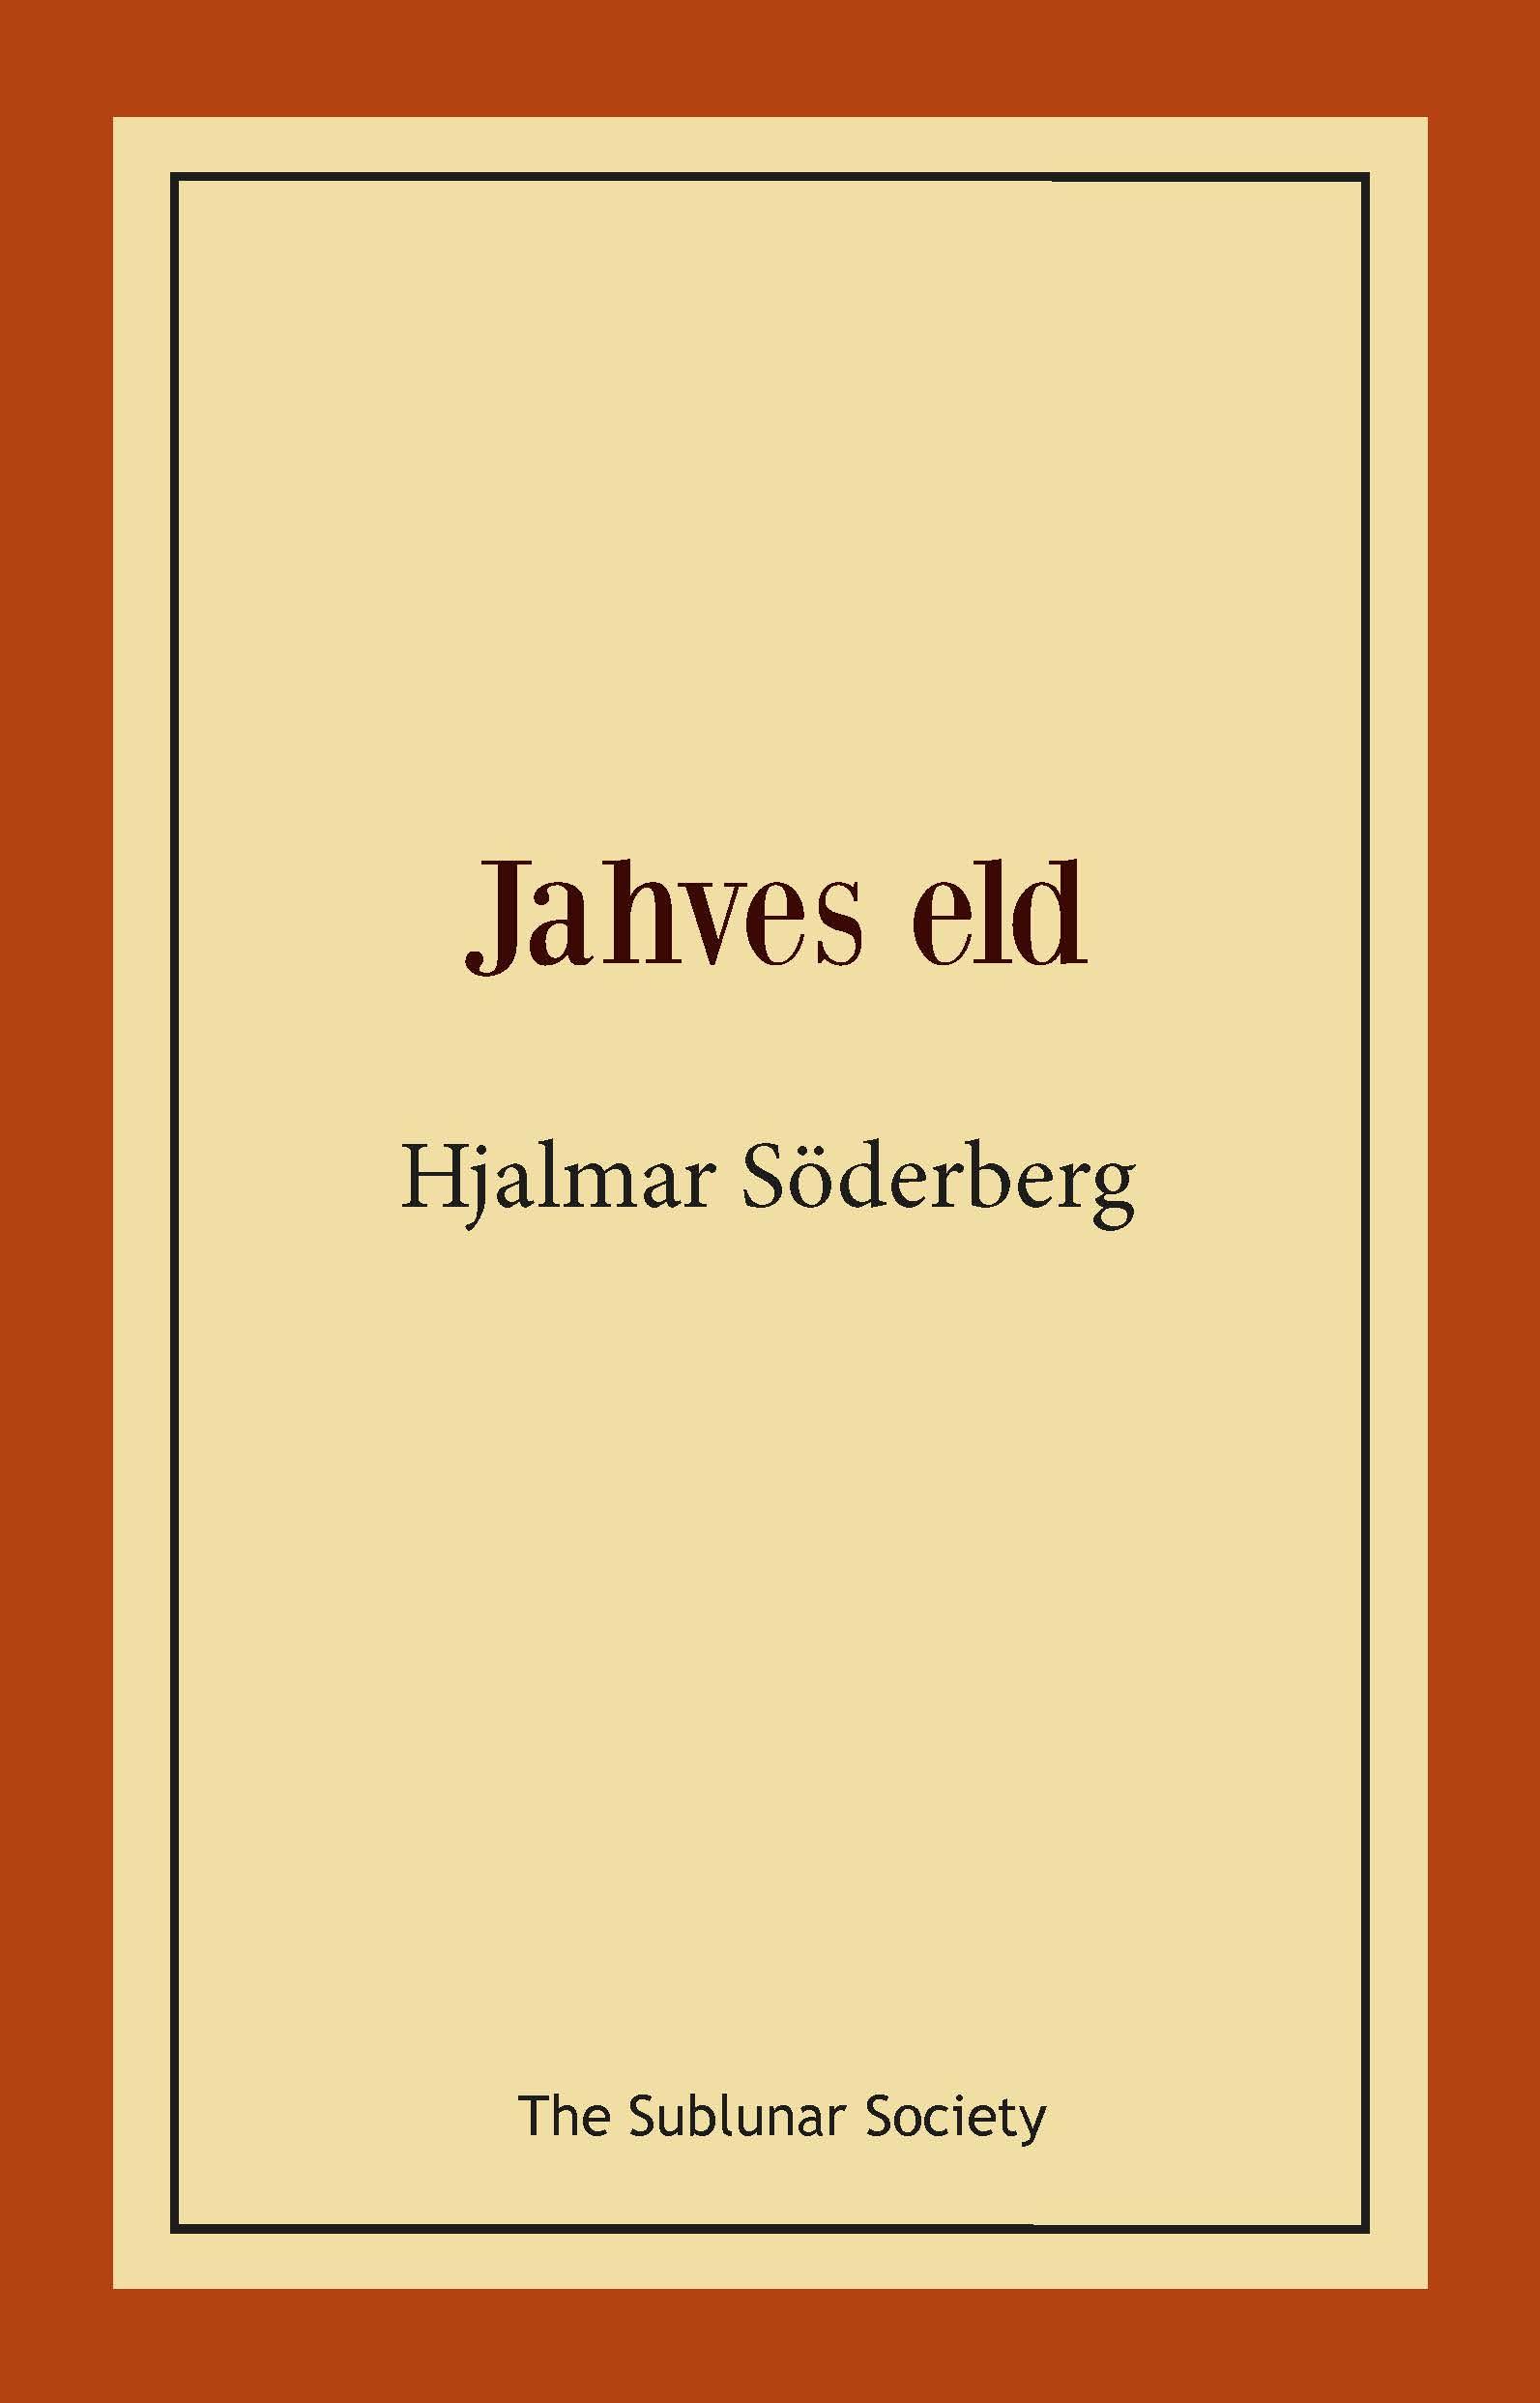 Jahves eld av Hjalmar Söderberg